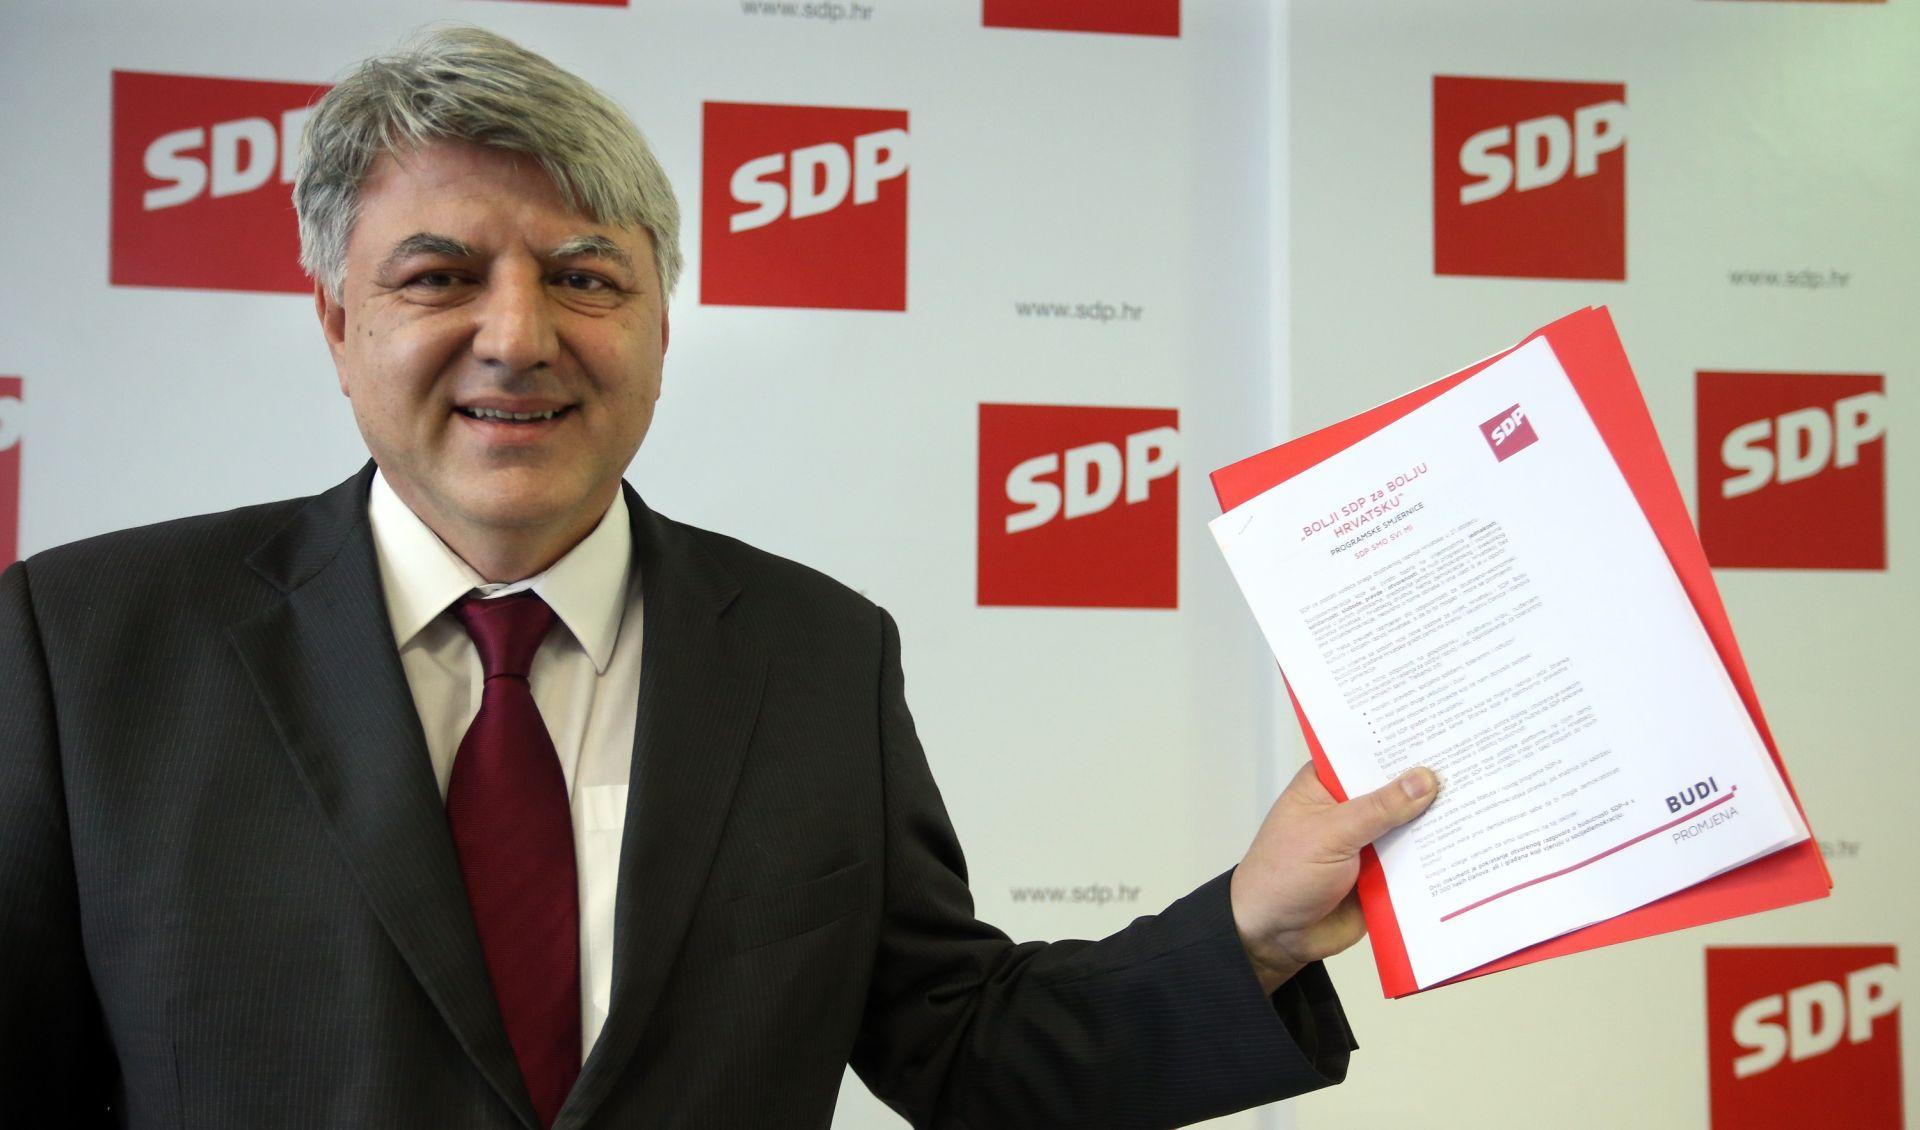 Komadina predstavio kandidaturu – zalaže se za demokratizaciju i decentralizaciju SDP-a